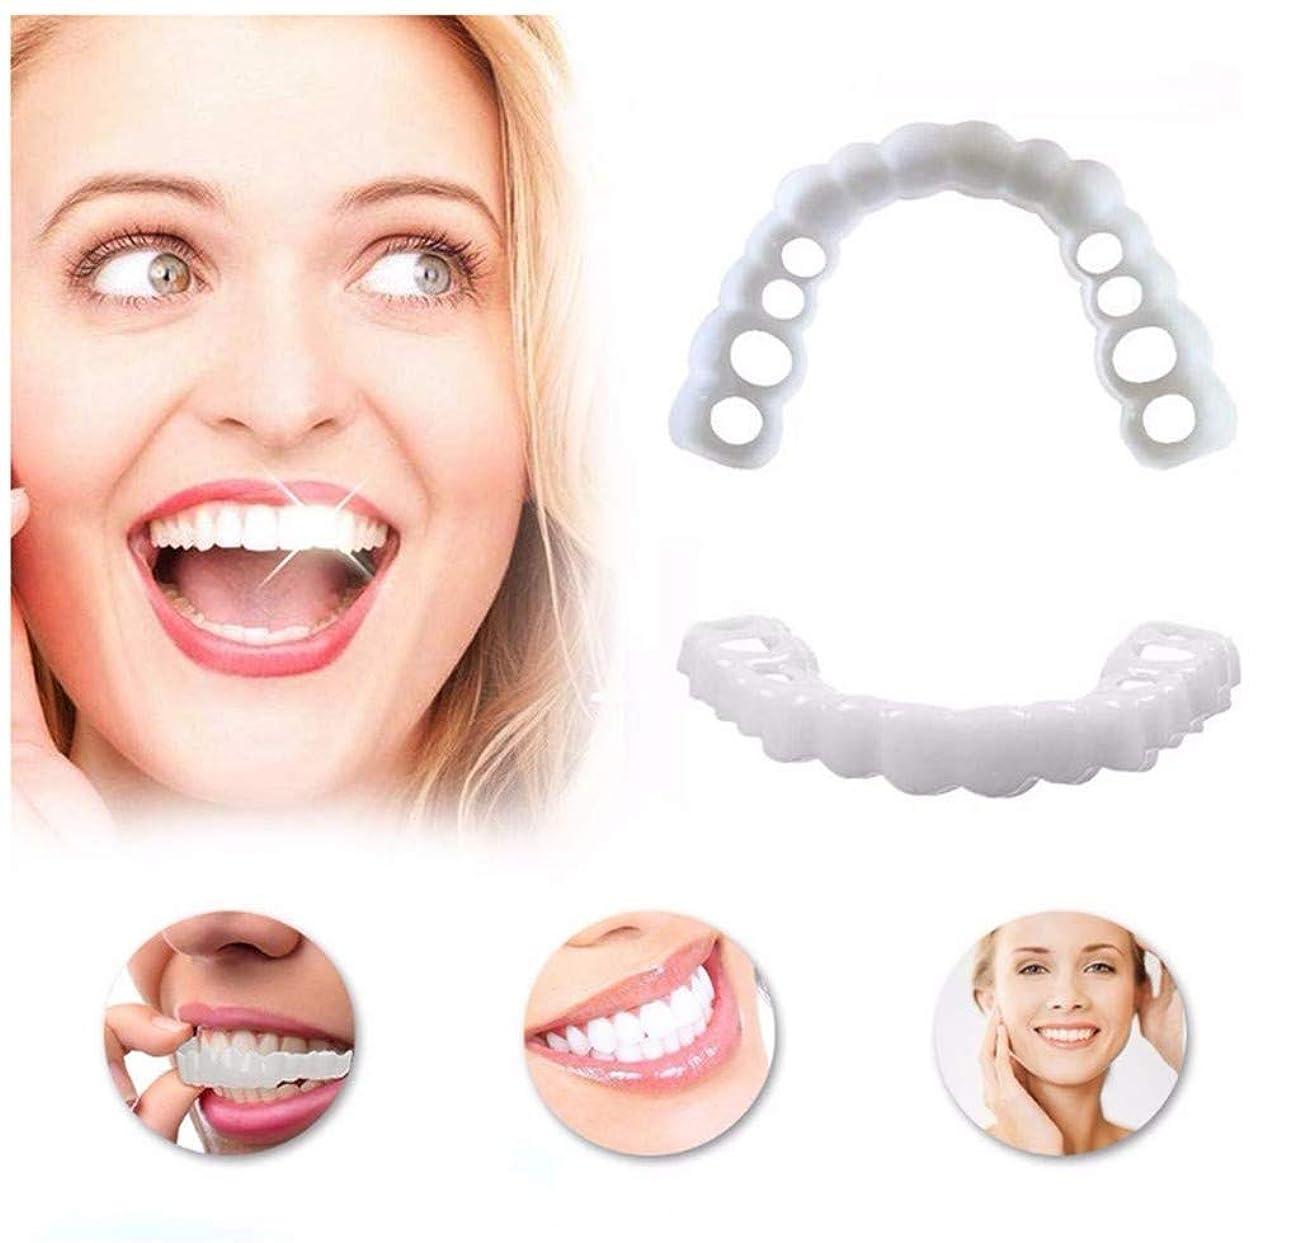 セント非互換なんでも化粧用歯カバーインスタントパーフェクトスマイルオブバッドティースデンタルマウスガードコンフォートトップおよびボトムベニア義歯,40pairs